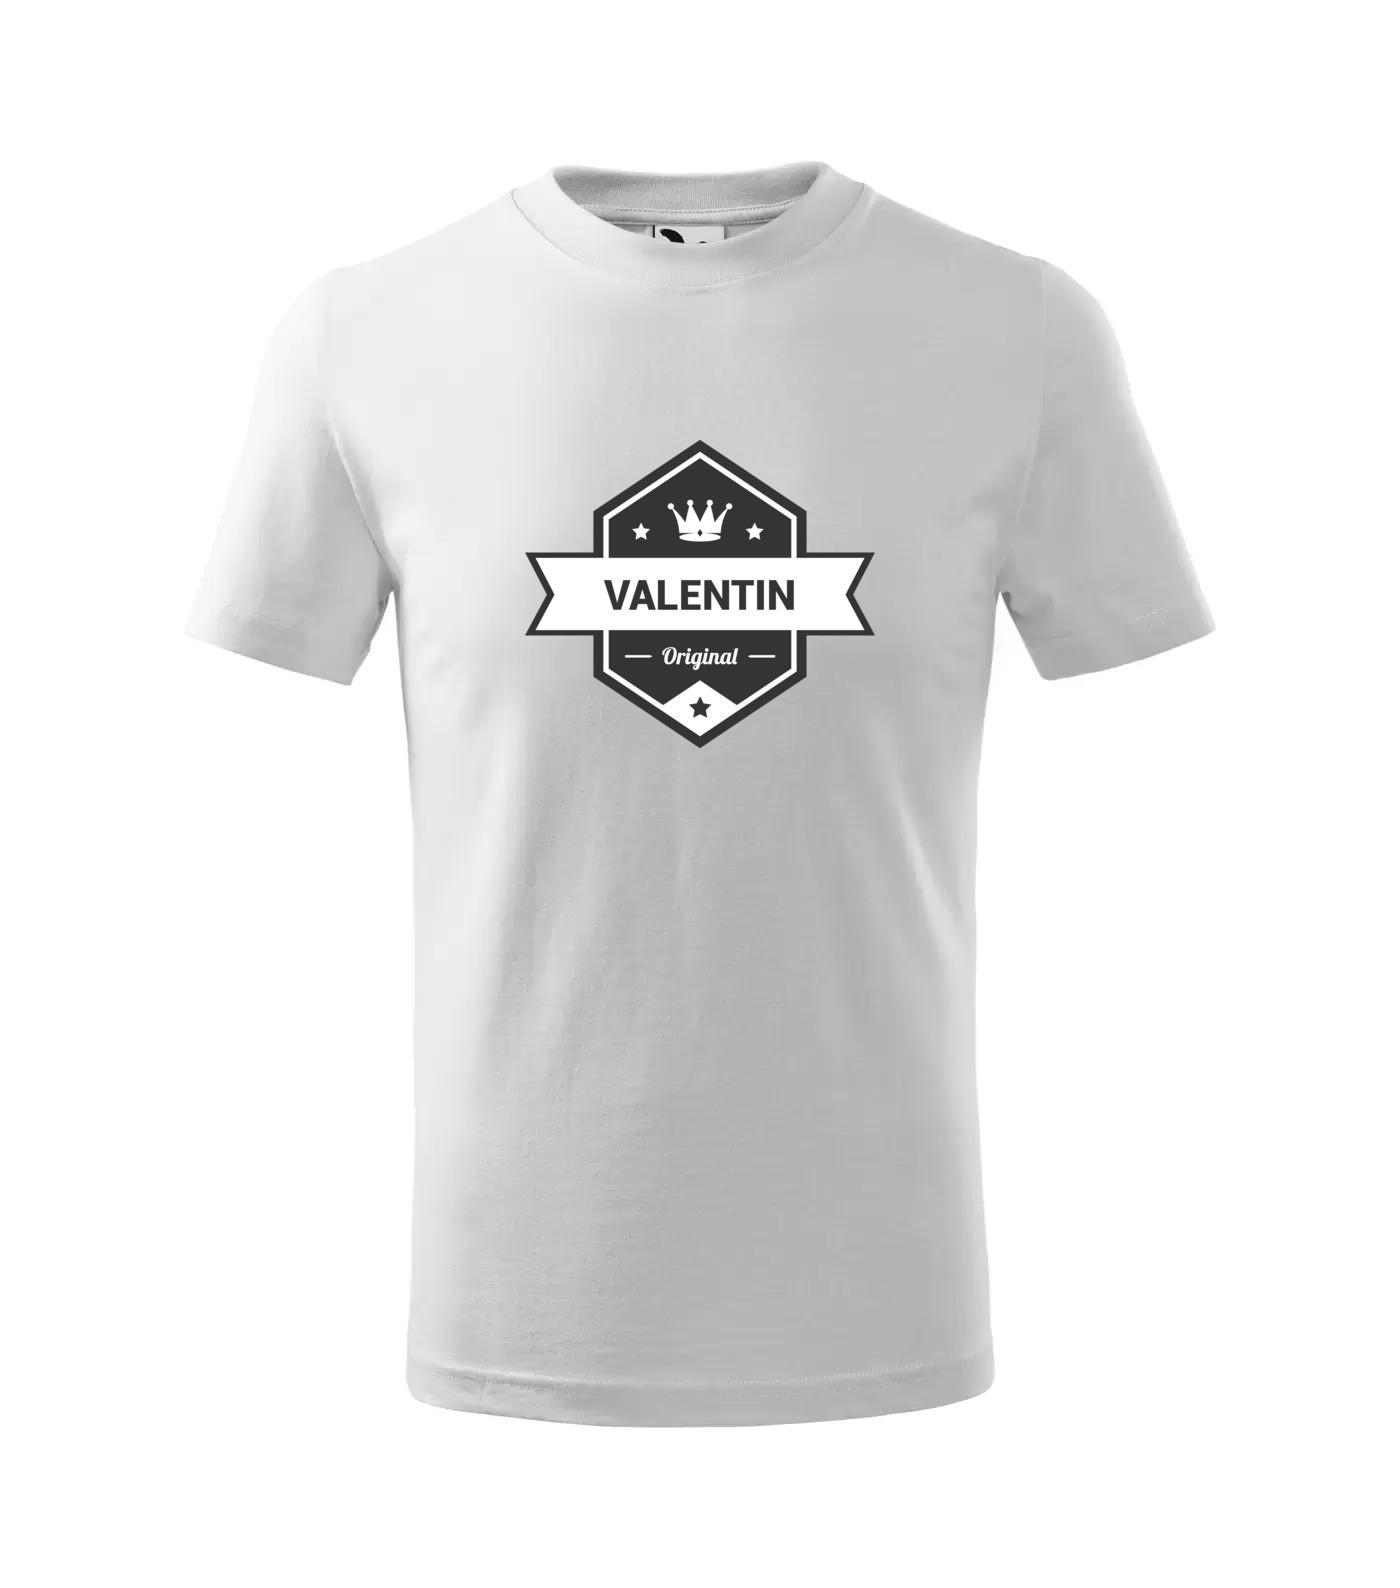 Tričko King Valentin